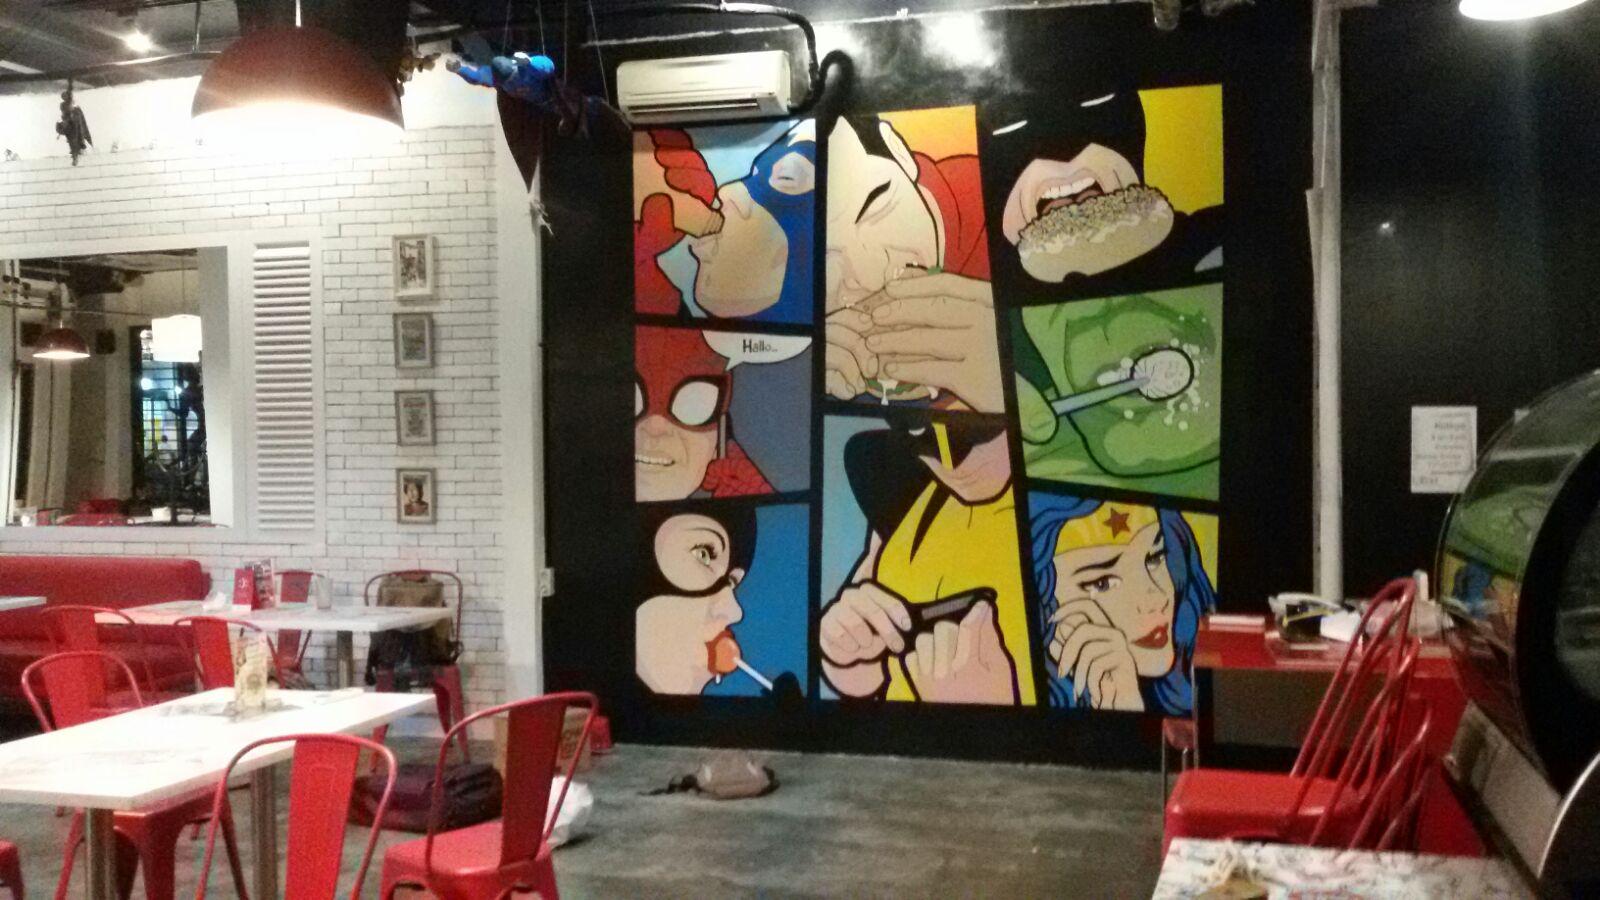 Mural superheroes pop art di interior comic cafe tebet for Mural untuk cafe